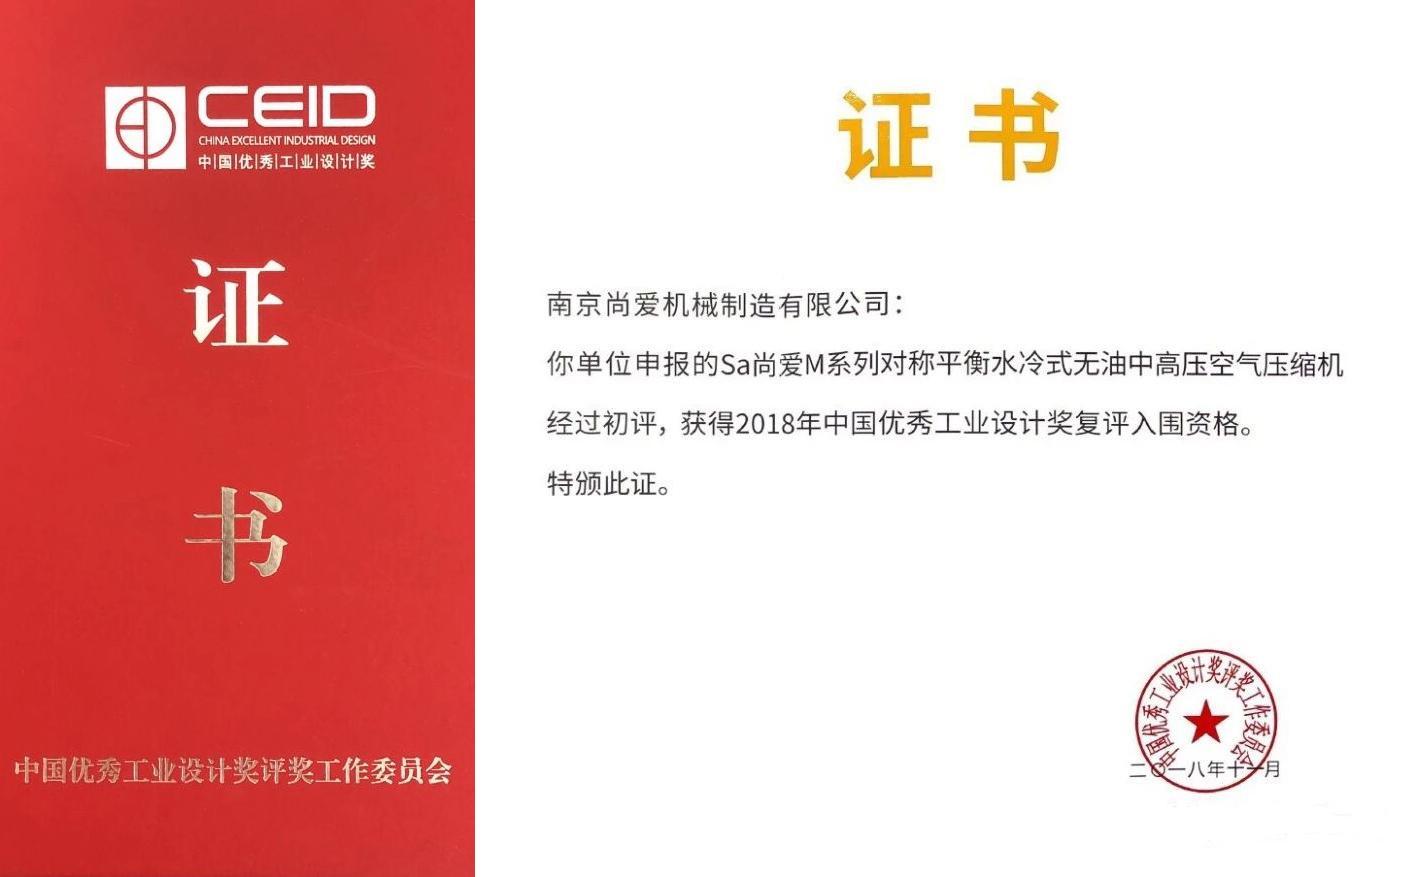 南京尚爱荣获中国工业设计入围奖